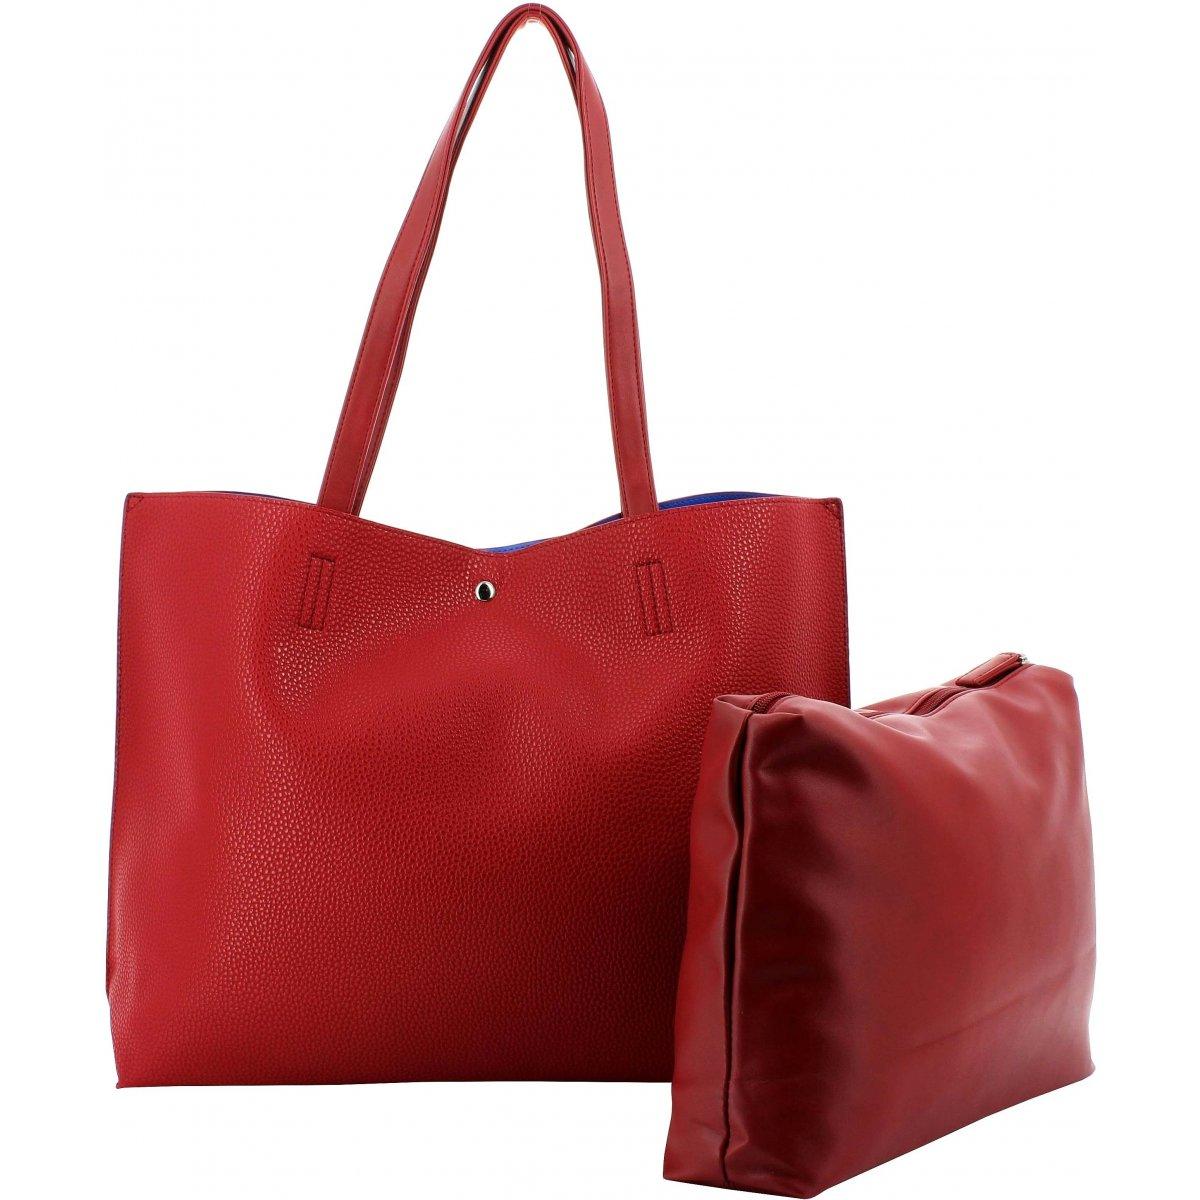 sac main les sacs de krlot fkg6201 couleur bordeaux. Black Bedroom Furniture Sets. Home Design Ideas